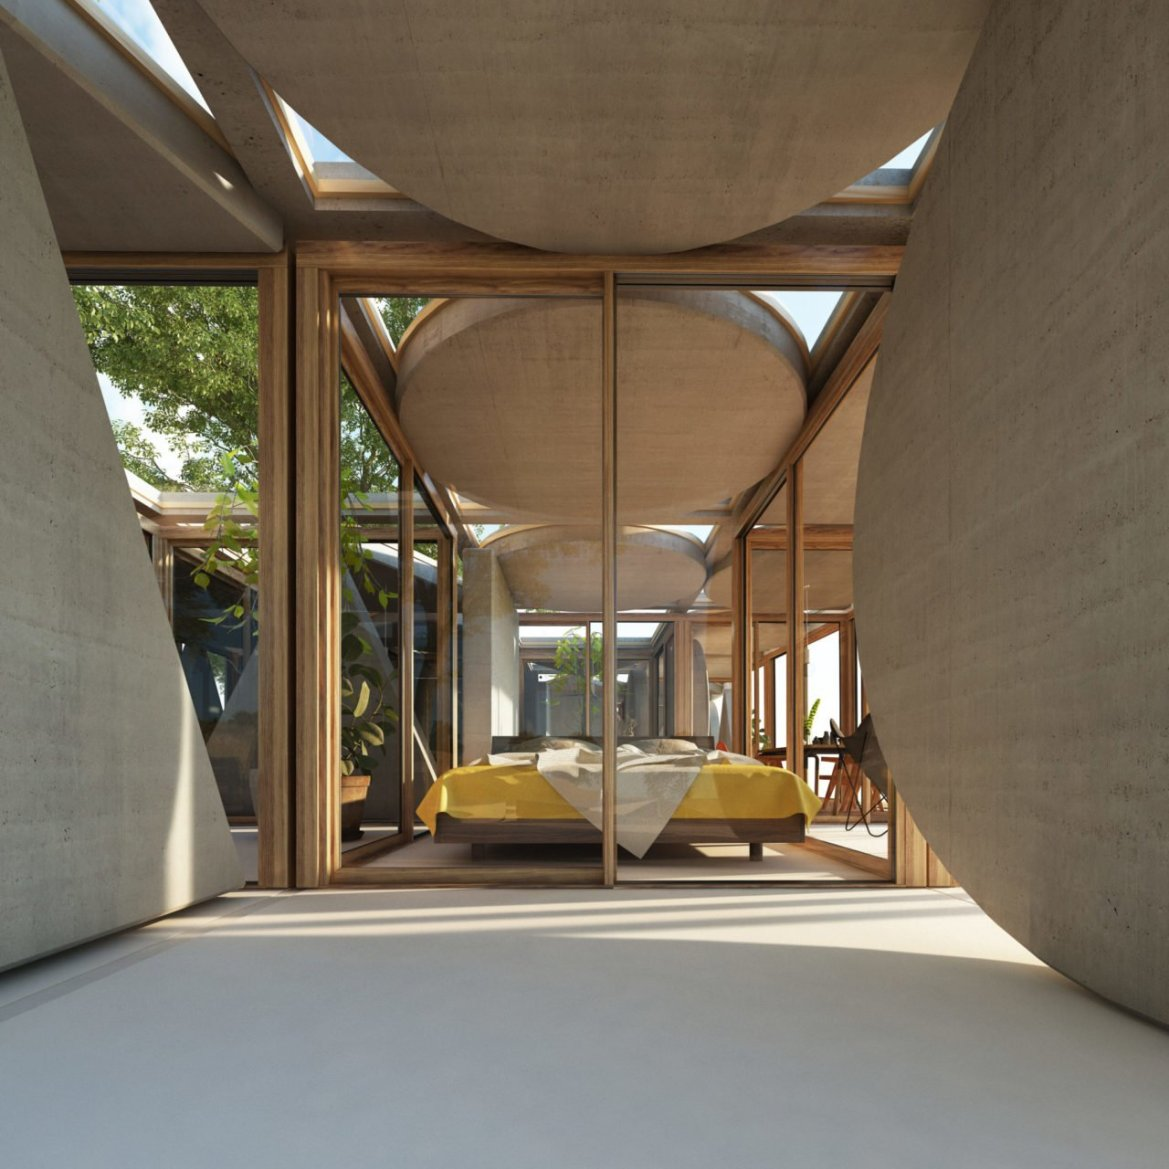 Découvrez le style architectural Town and Concrete, ou l'architecture du futur au présent.